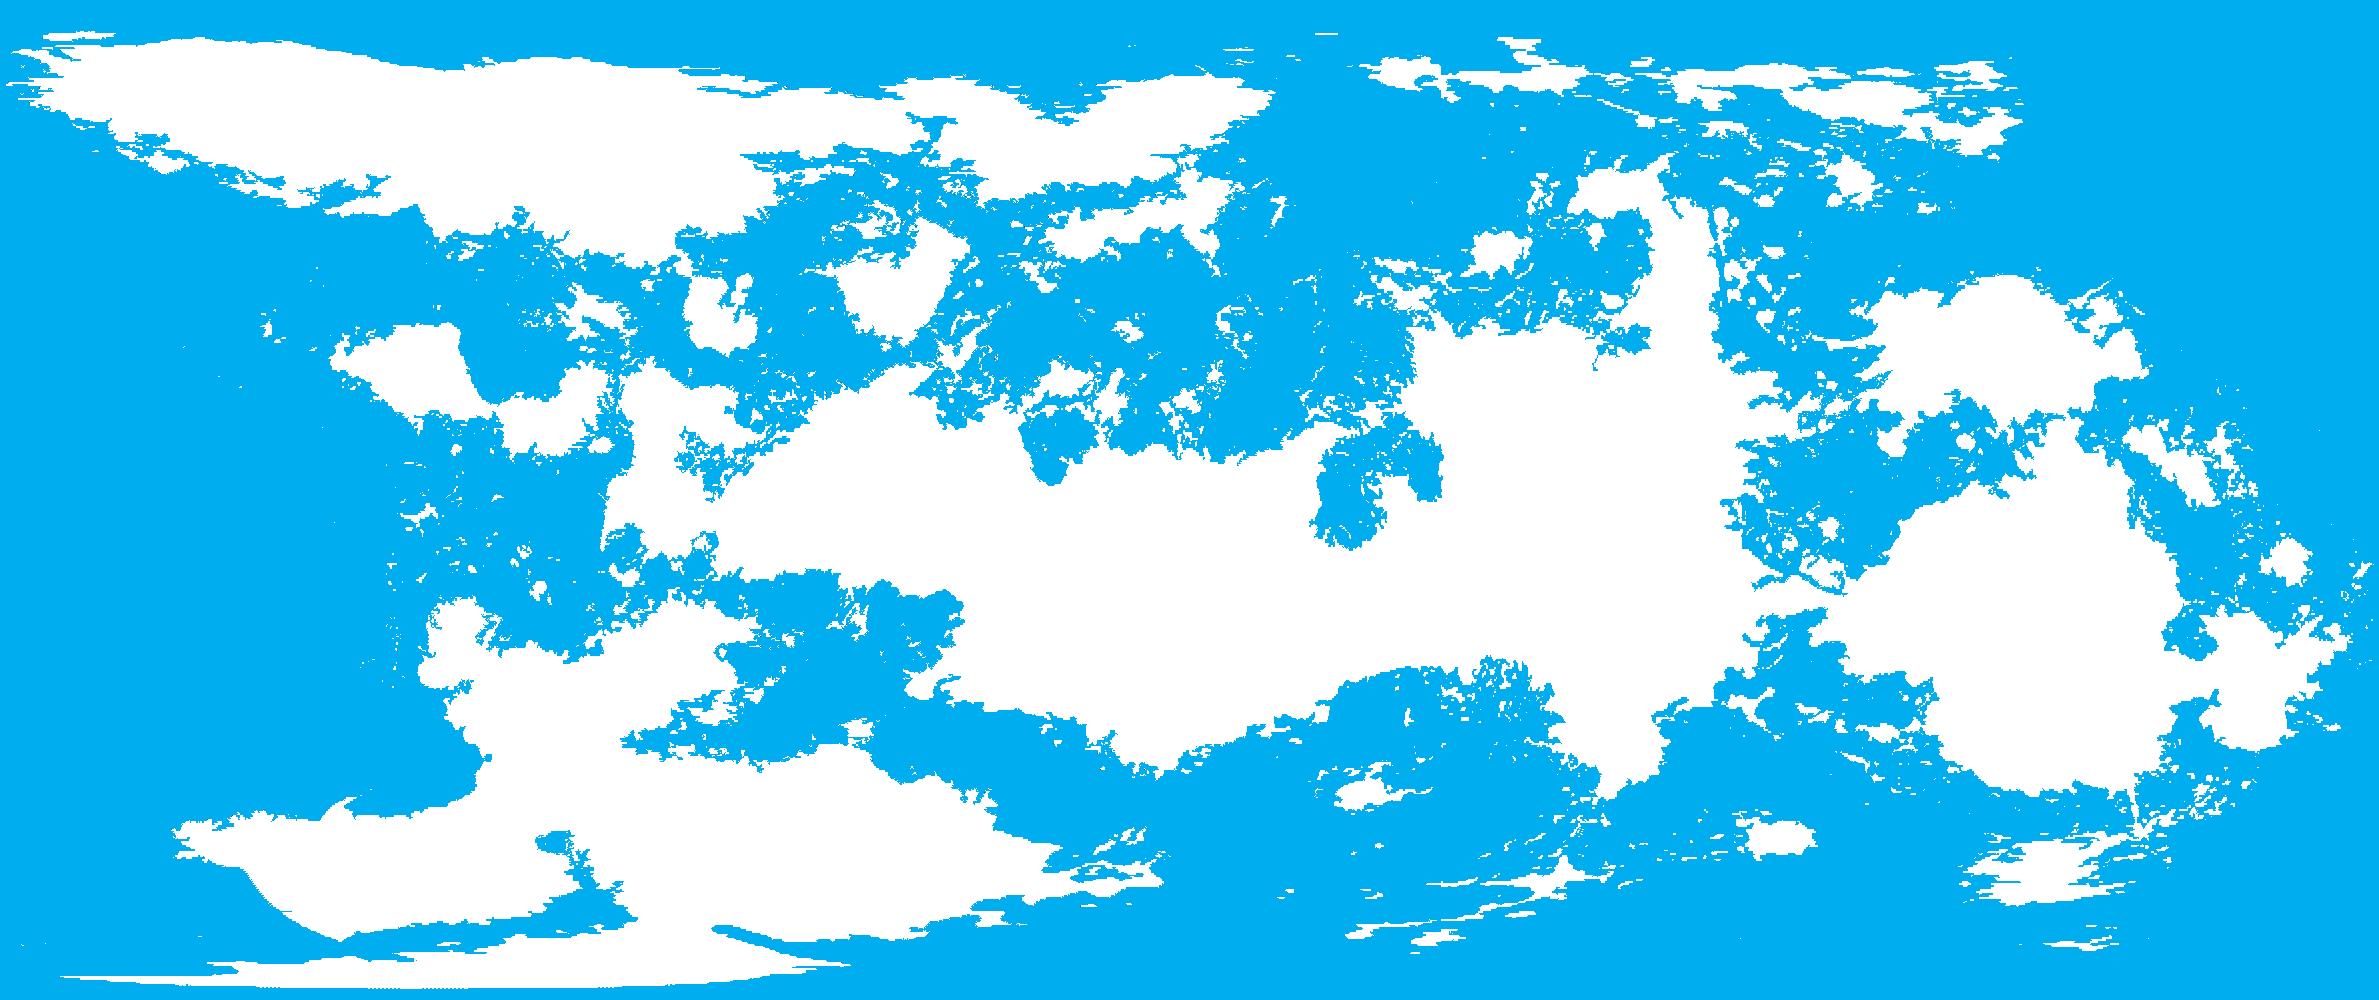 venus blank map by ravenzeroone on deviantart